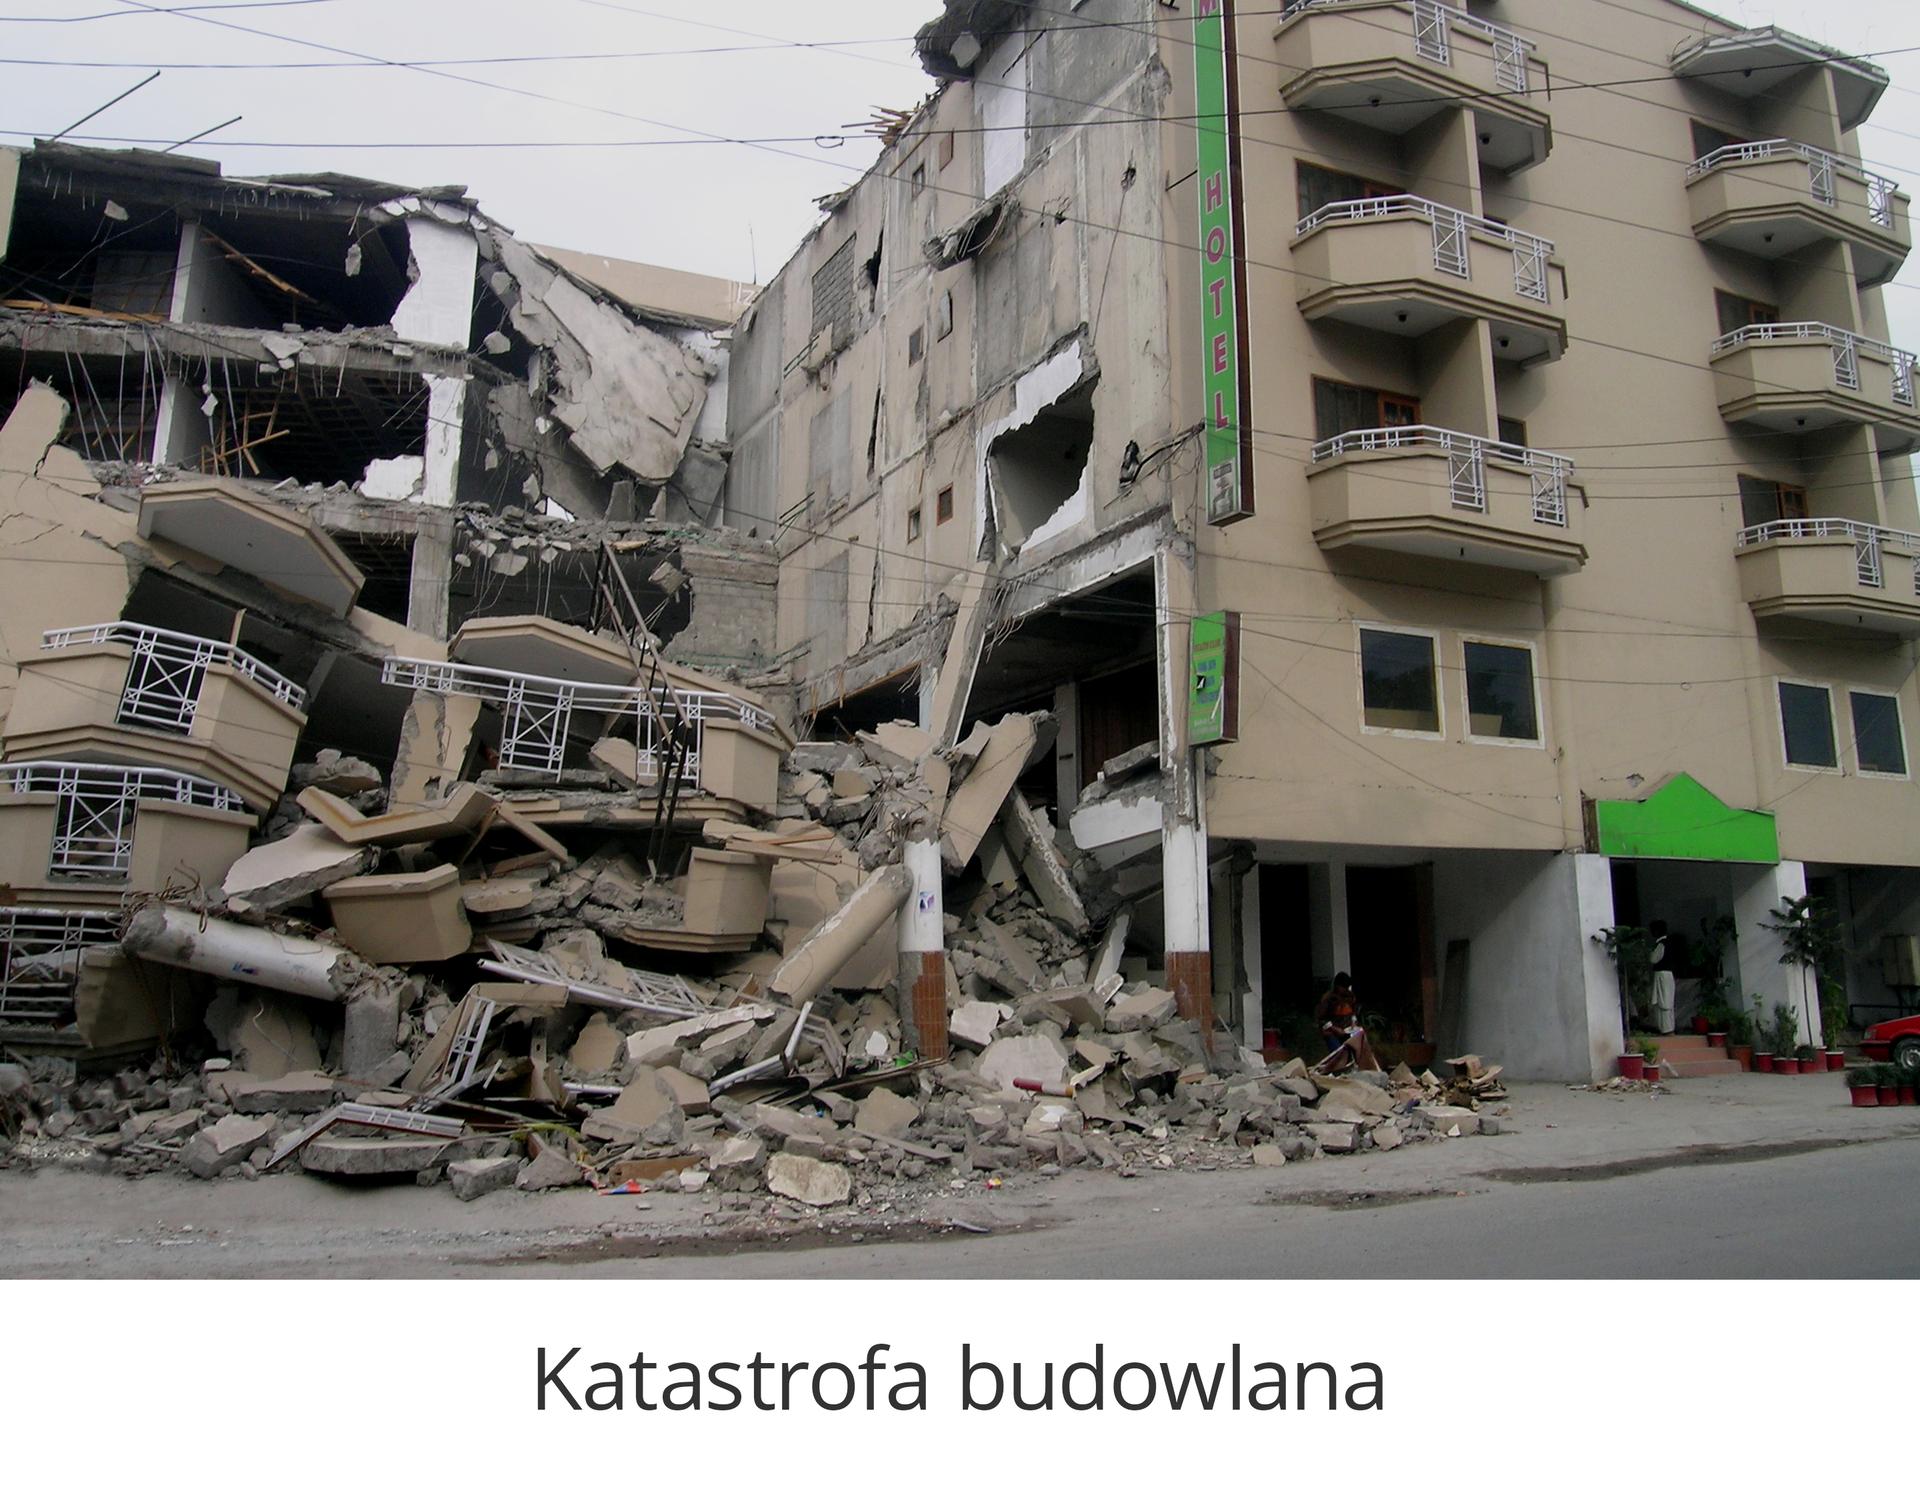 Zdjęcie 4 to katastrofa budowlana. Na zdjęciu wysoki czteropiętrowy budynek mieszkalny. Prawa strona budyniu nie jest zniszczona. Lewa strona budynku całkowicie zniszczona. Piętra zawalone, kawałki ścian zwisają na żelbetonowych częściach budynku.